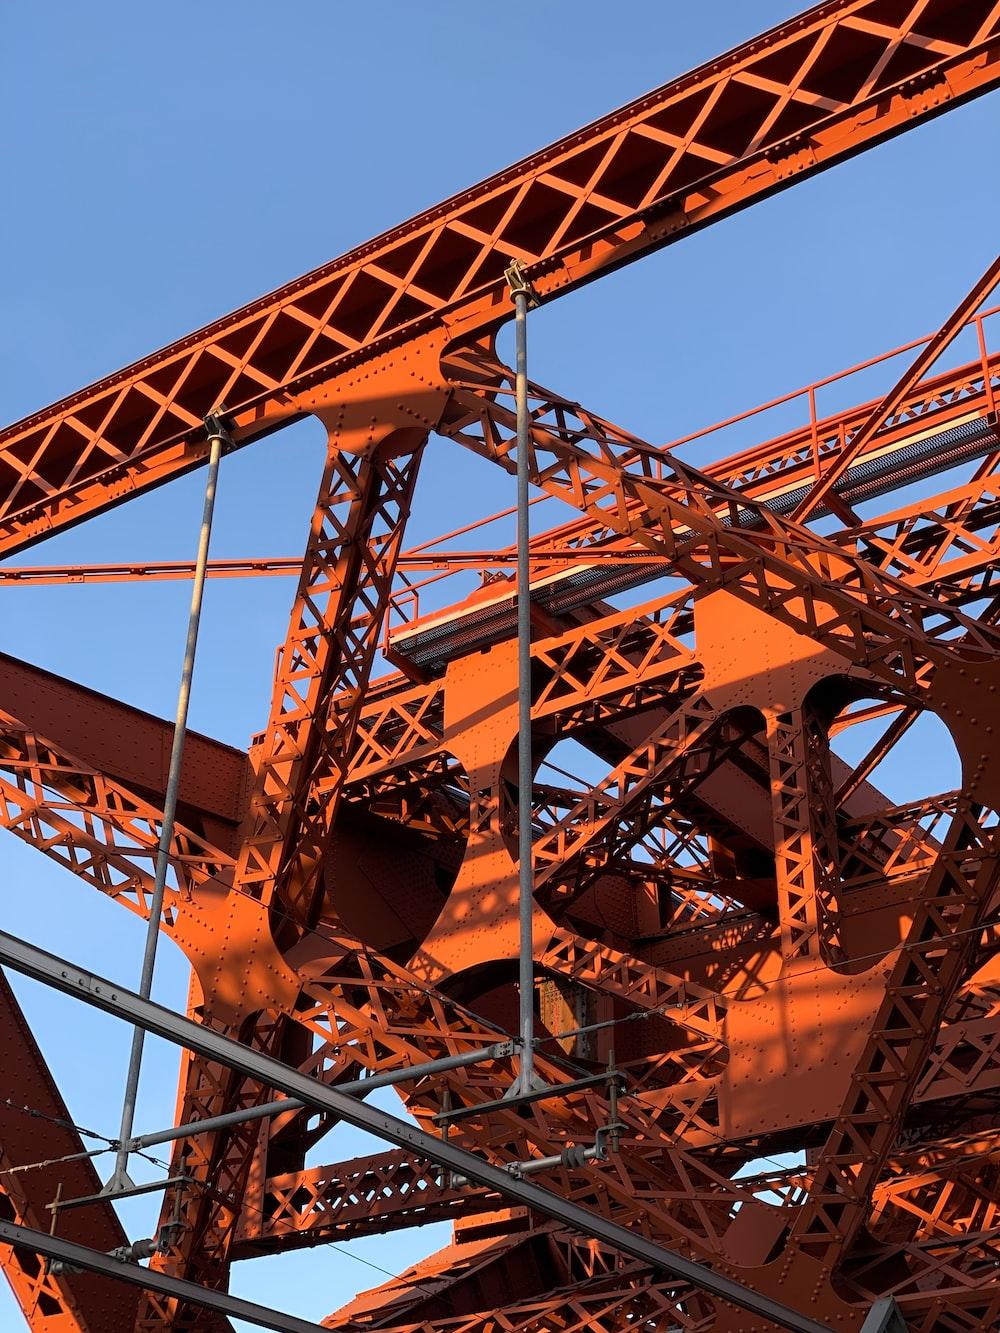 orange metal tower